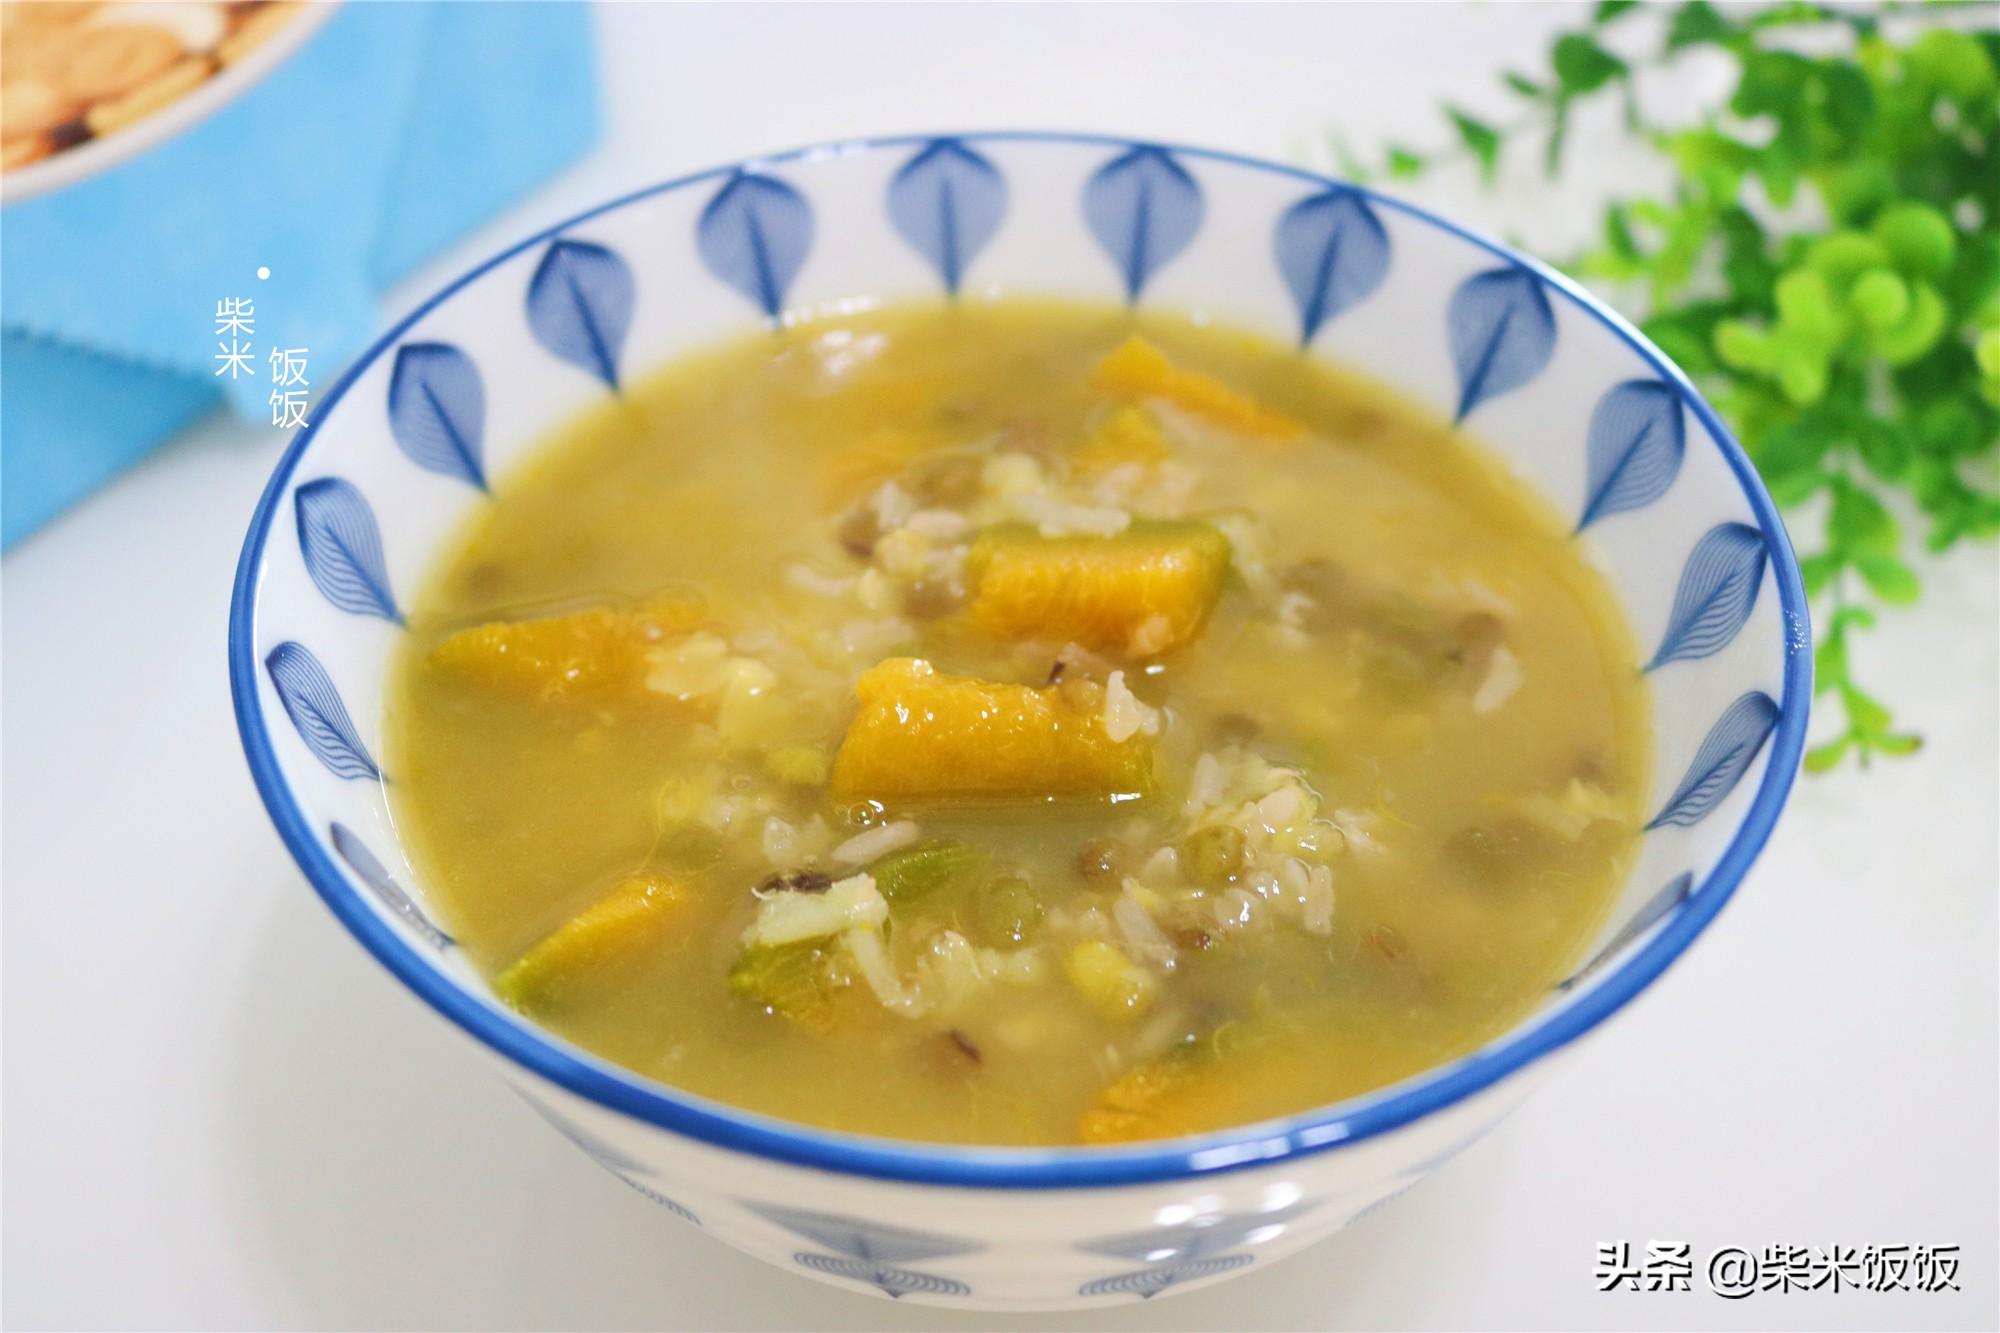 夏季天熱,我家常煮這款粥,清甜滋潤,解暑養脾胃